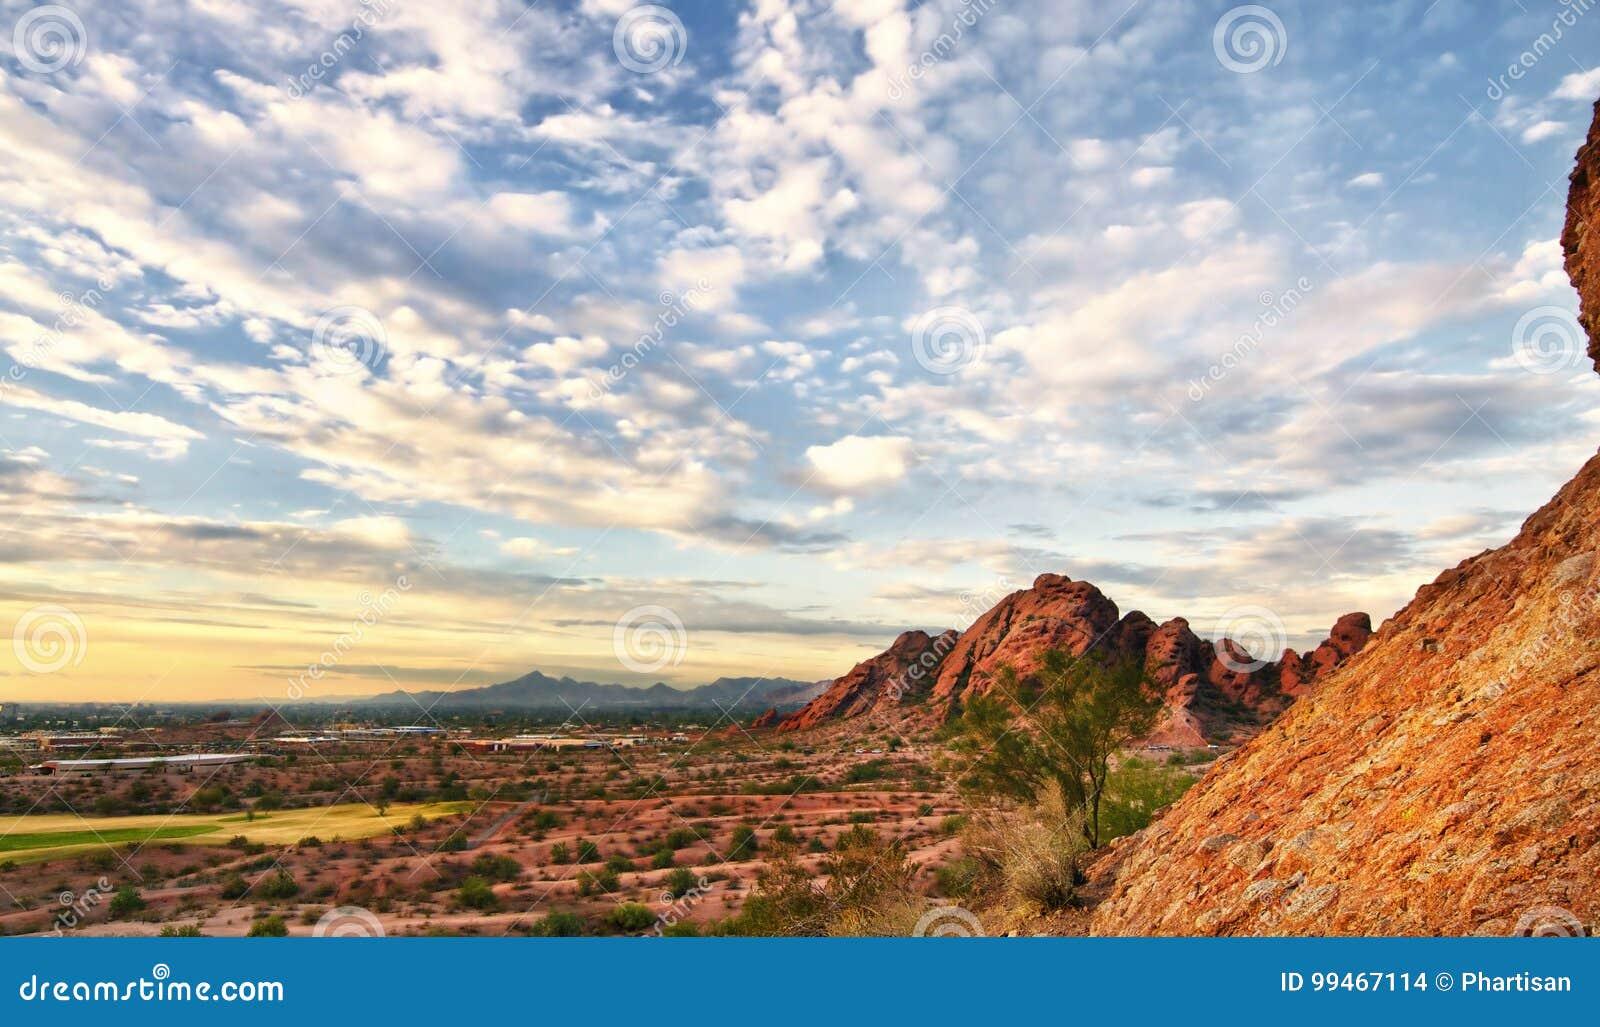 亚利桑那沙漠风景Papago公园菲尼斯